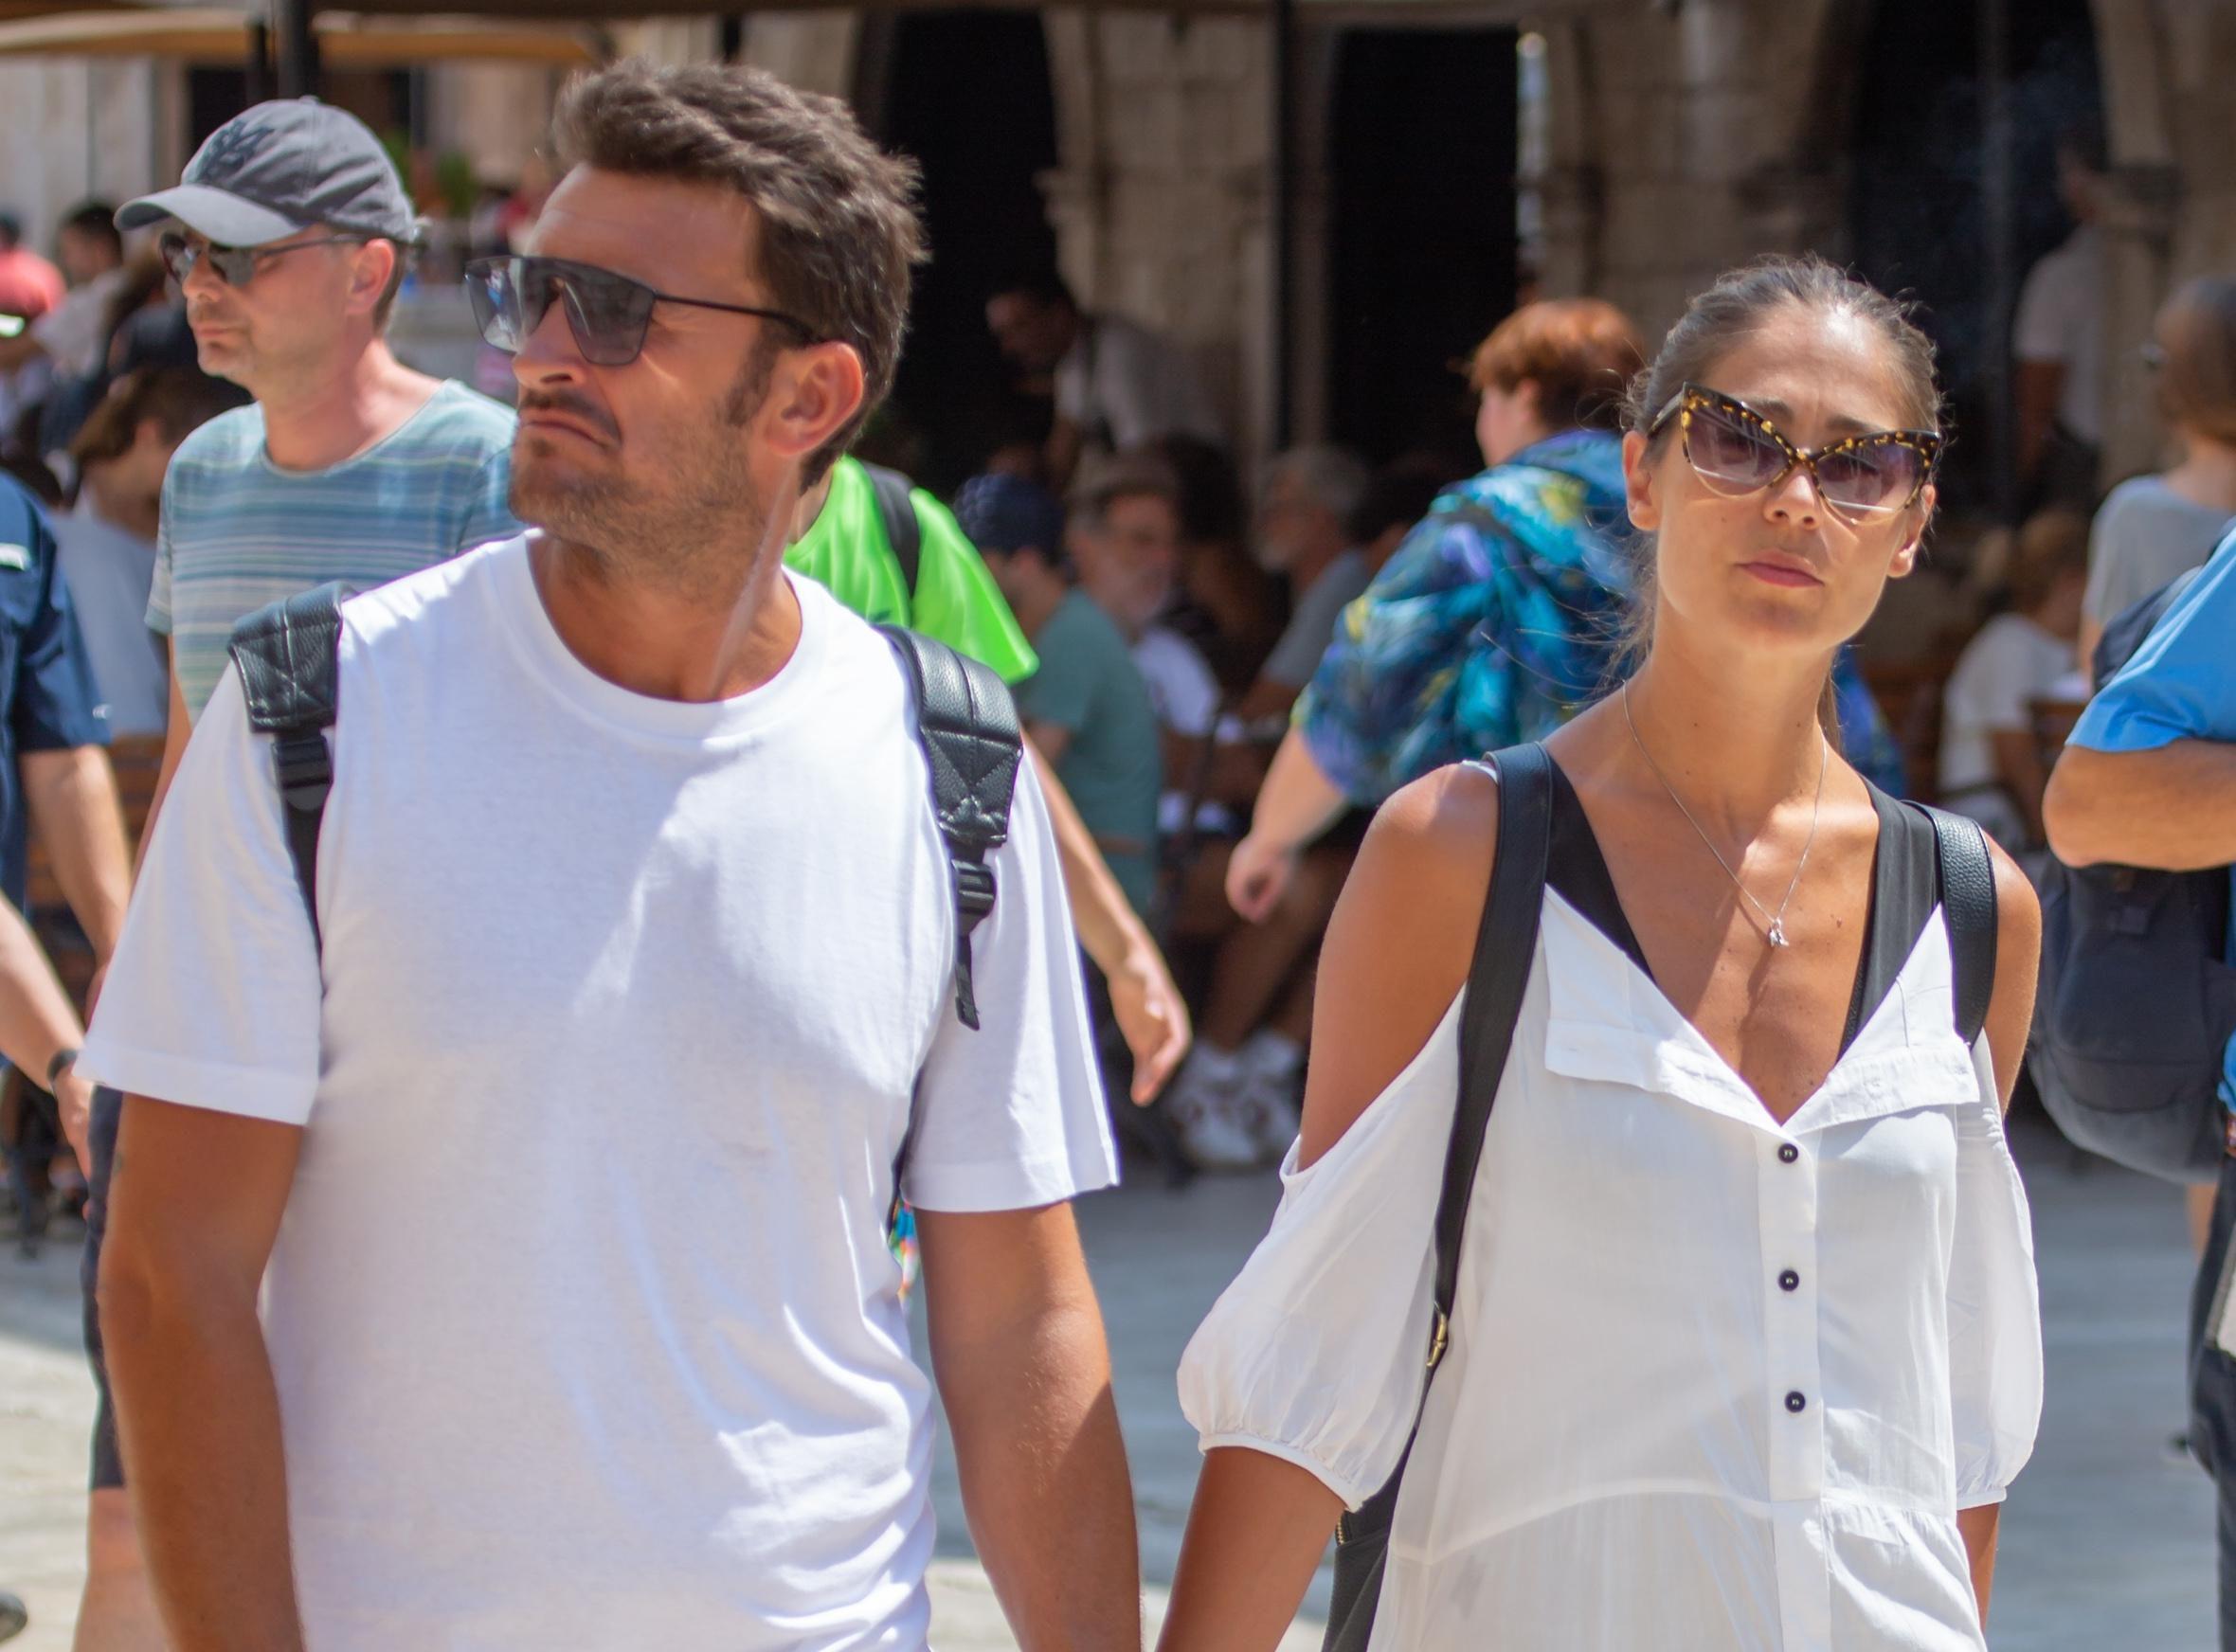 Kakav zgodan par: Njih dvoje znaju nositi bijelo od glave do pete i u tome izgledaju baš atraktivno